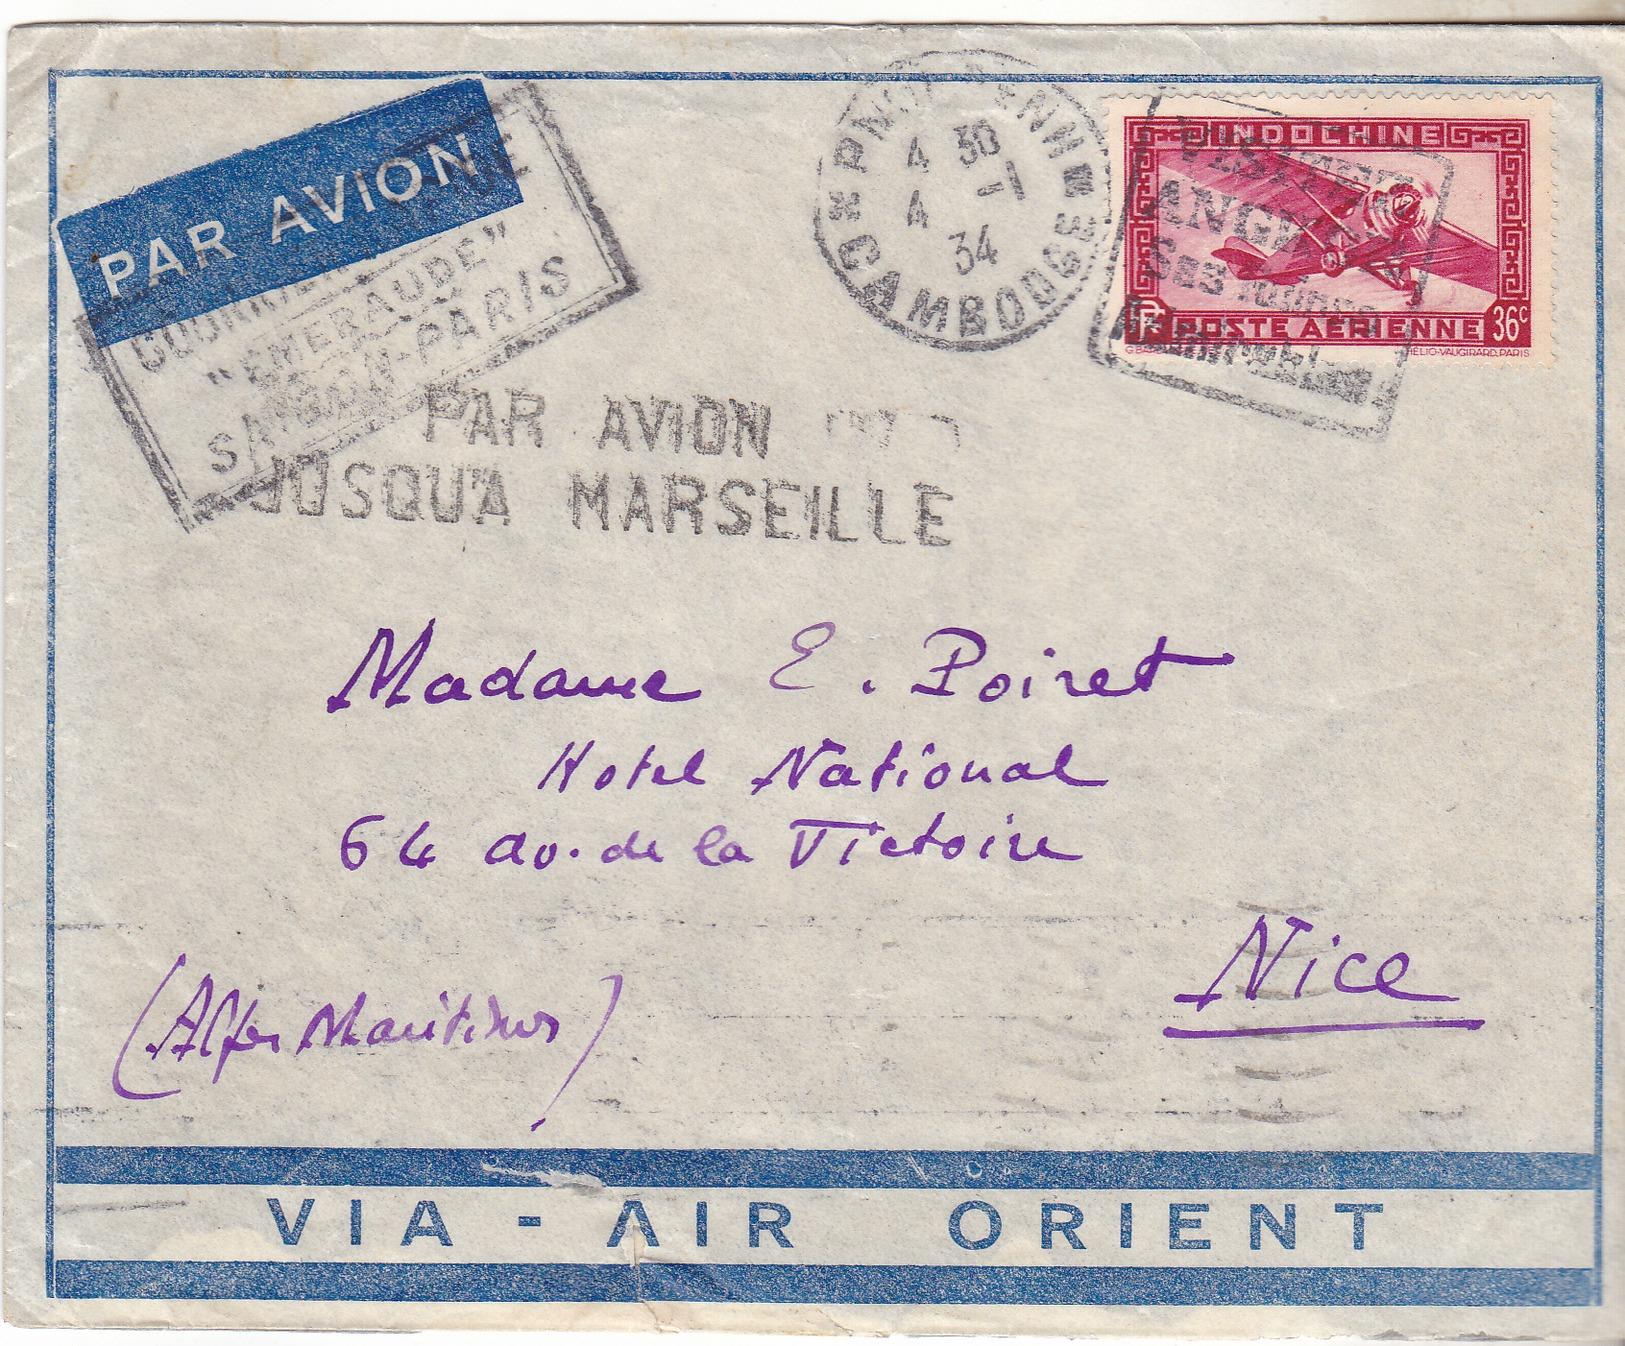 Cambodge,Pnom Penh, Lettre Pour Marseille De 1934. Air Orient,par Avion Emeraude Saigon Paris.  Complet Tb état. - Indochine (1889-1945)